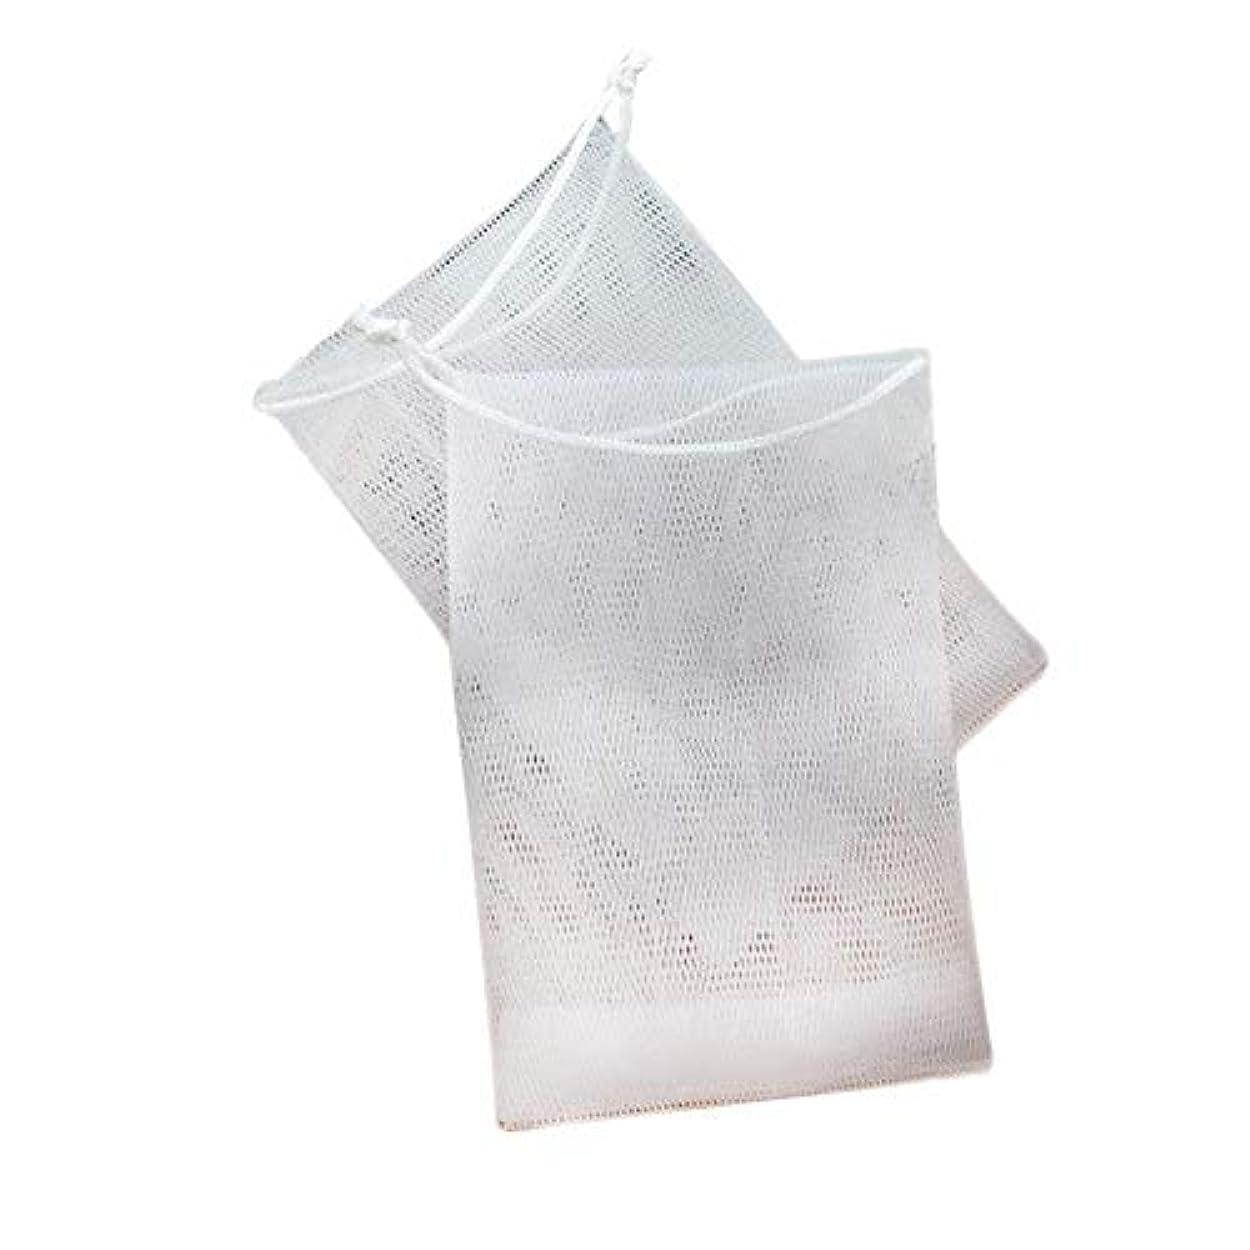 微弱適応するプレゼンテーション石鹸の袋の網のドローストリング袋は ハンドメイドの石鹸の泡泡ネットメーカーのために掛けることができます 12×9cm